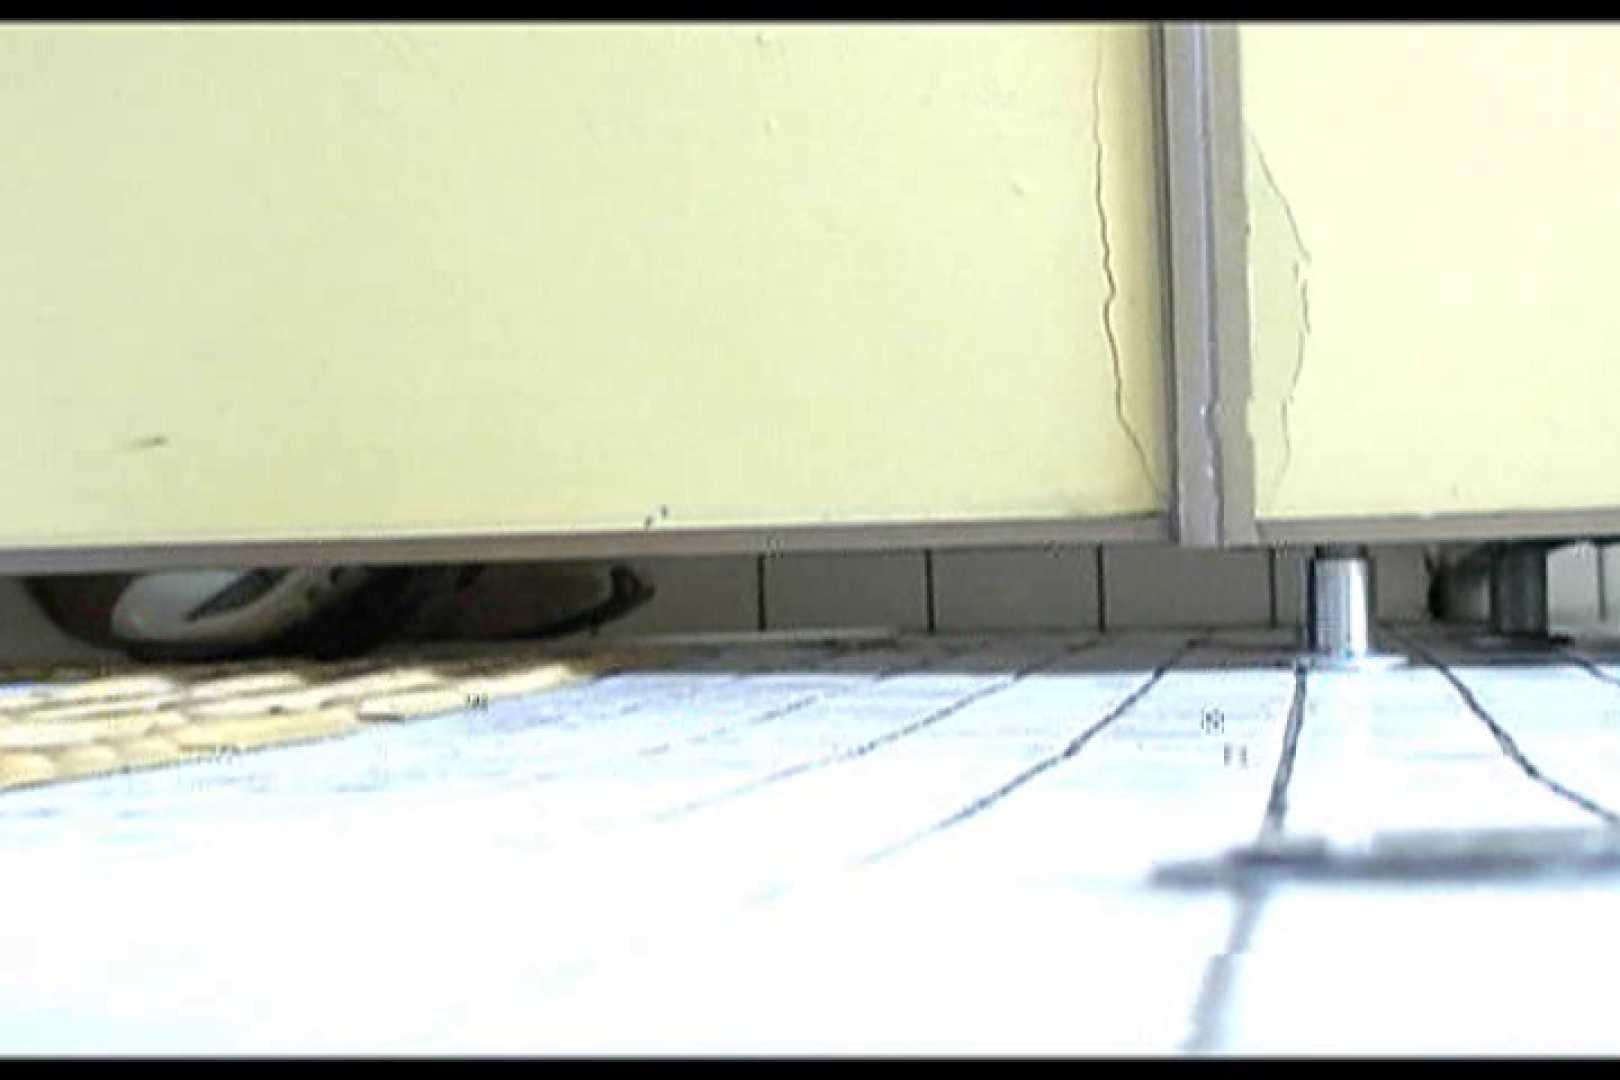 マンコ丸見え女子洗面所Vol.4 盗撮特集 オマンコ無修正動画無料 64画像 22